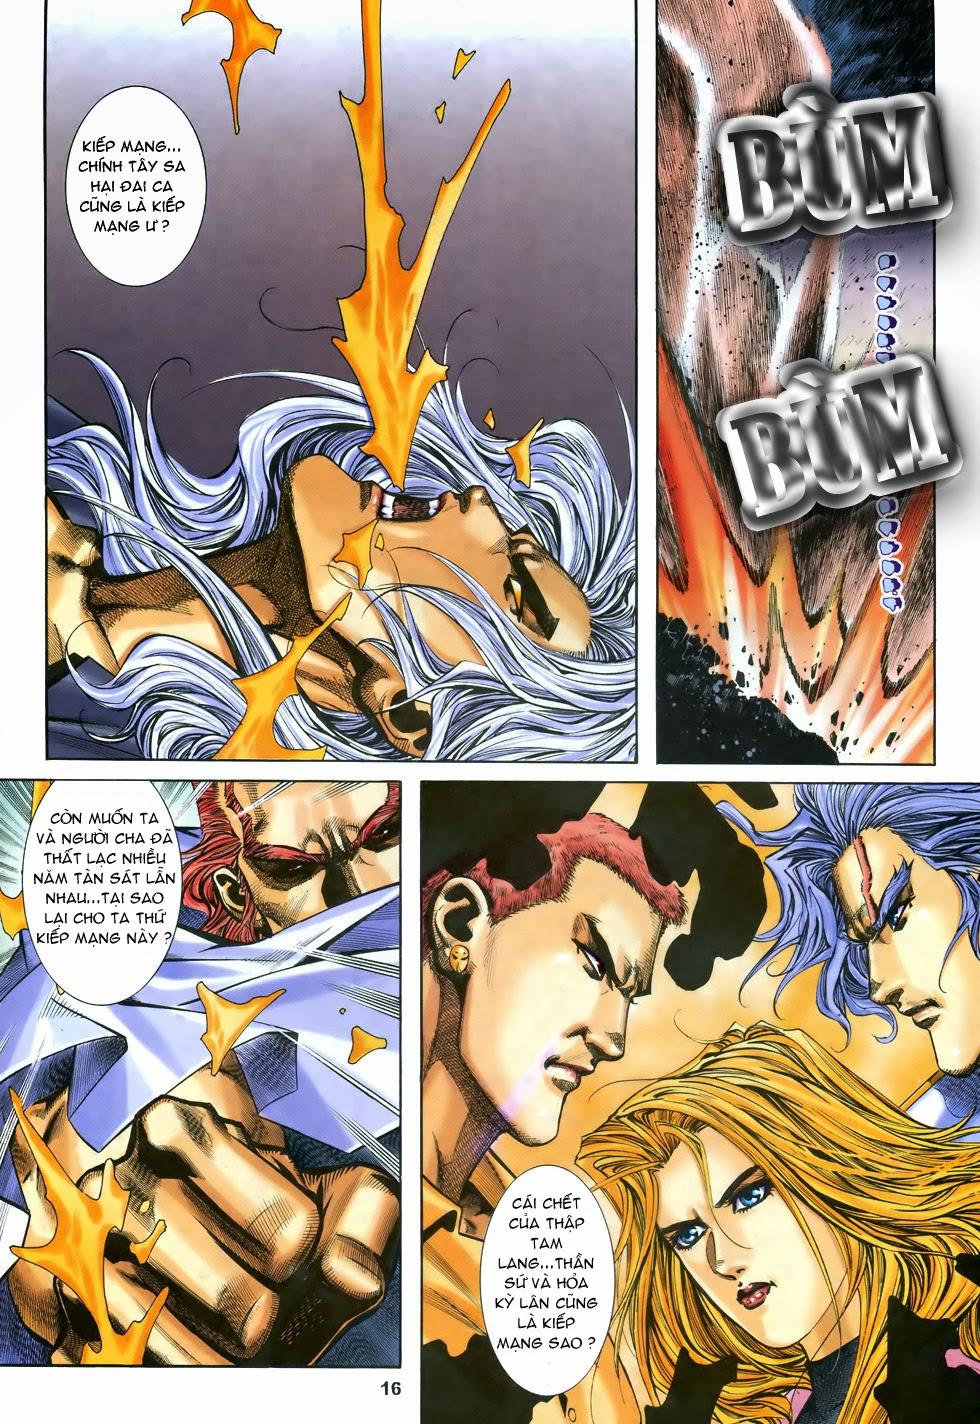 X Bạo Tộc chap 68 - Trang 17